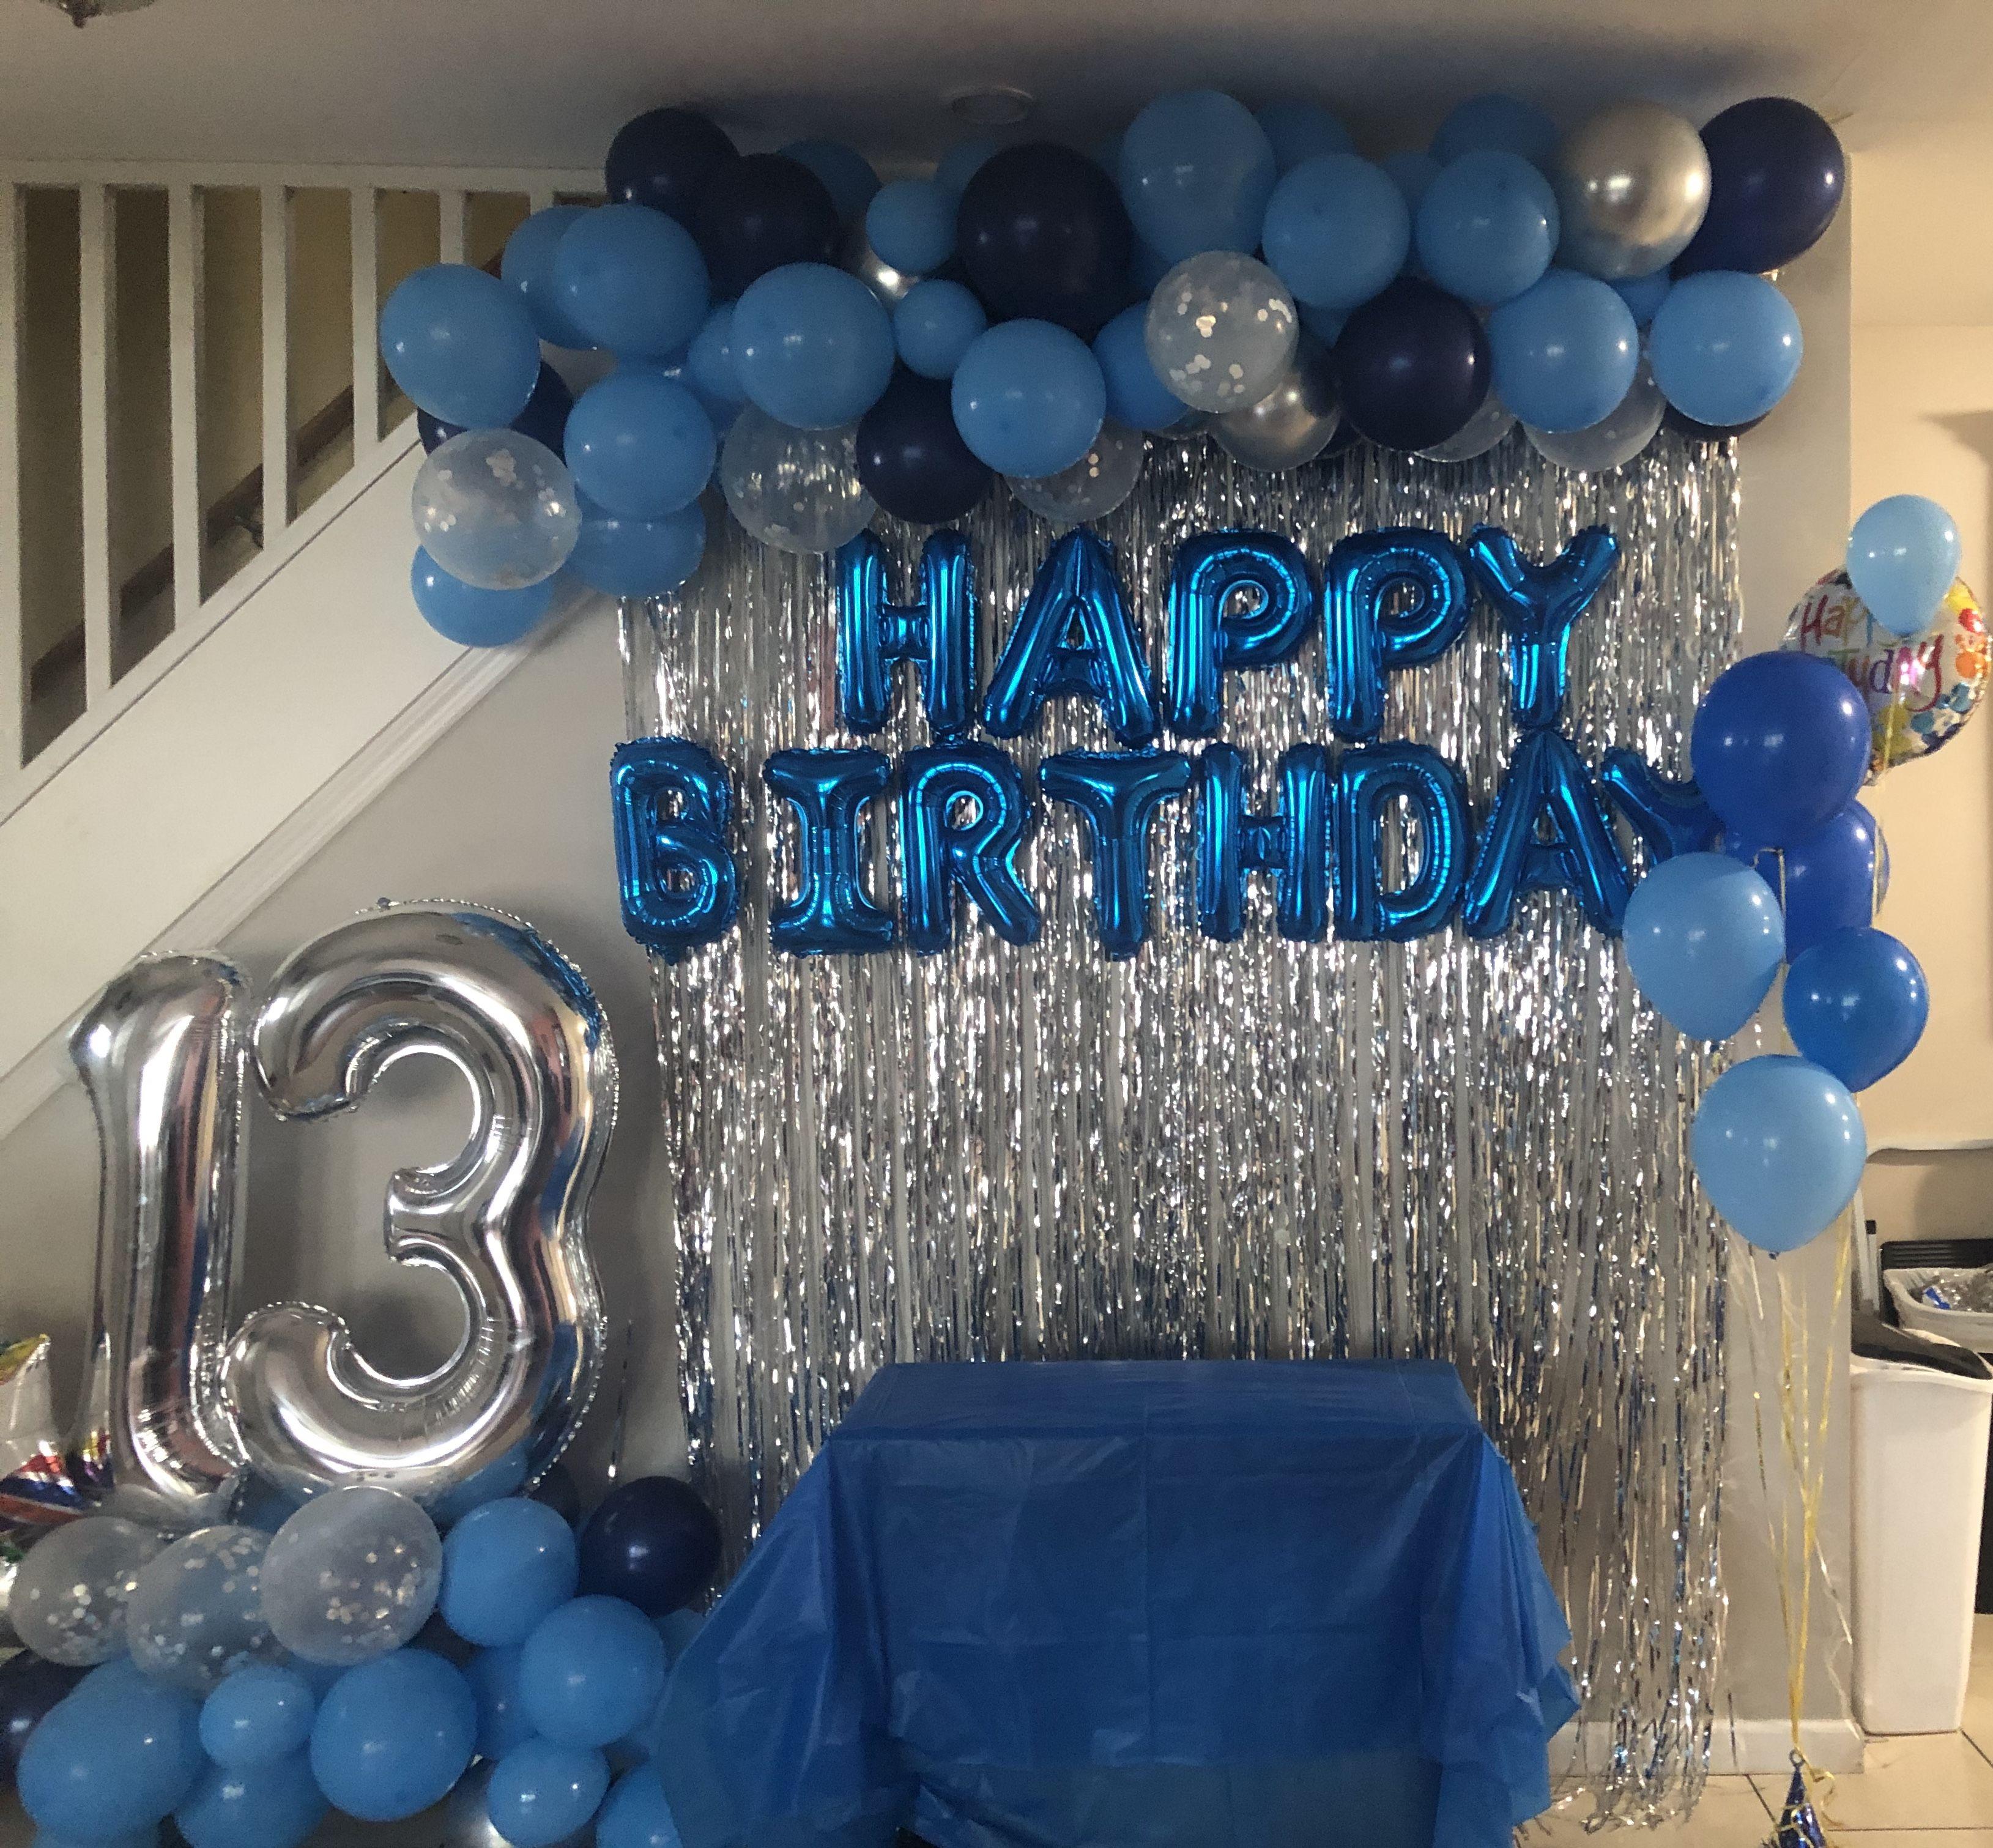 Birthday Party Ideas For Boys Decoraciones De Globos Para Fiesta Ideas De Cumpleanos Para Novio Decoraciones De Fiesta Azul